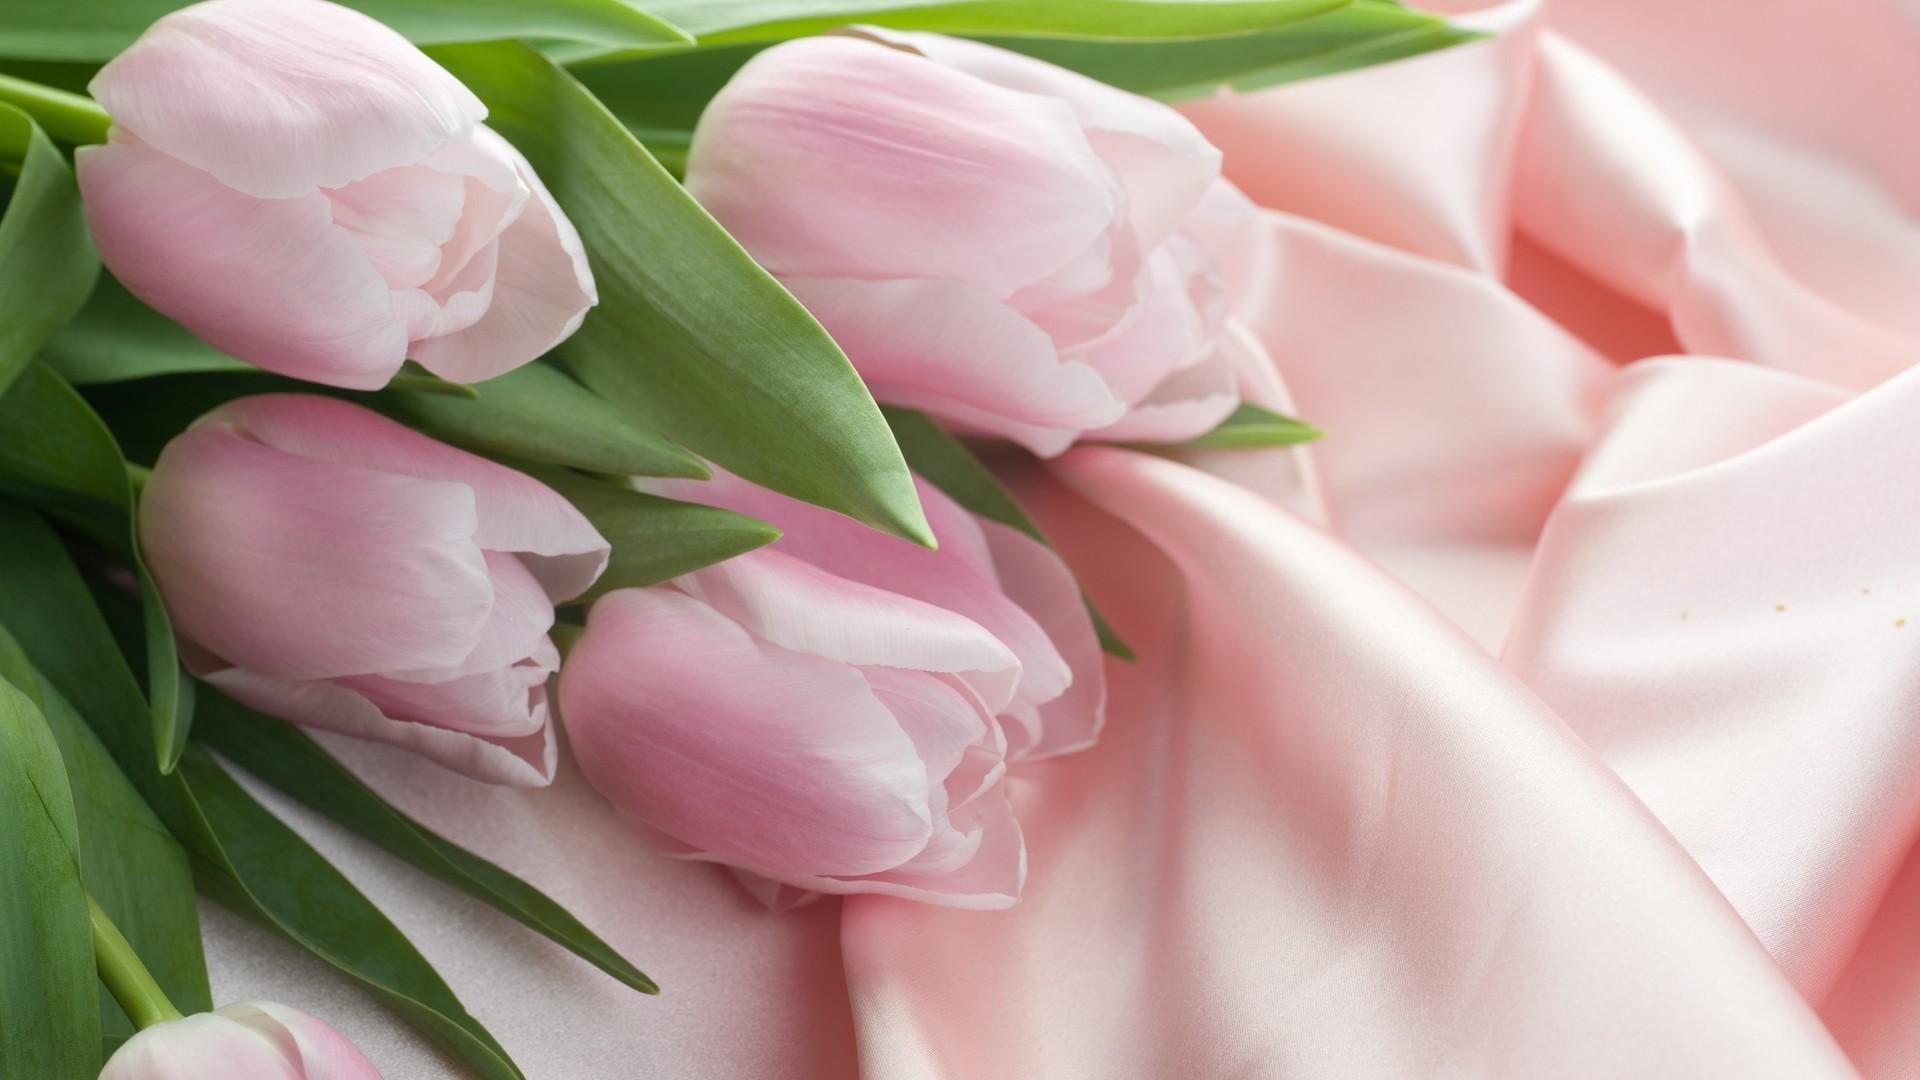 Women's Day Flower free hd wallpaper